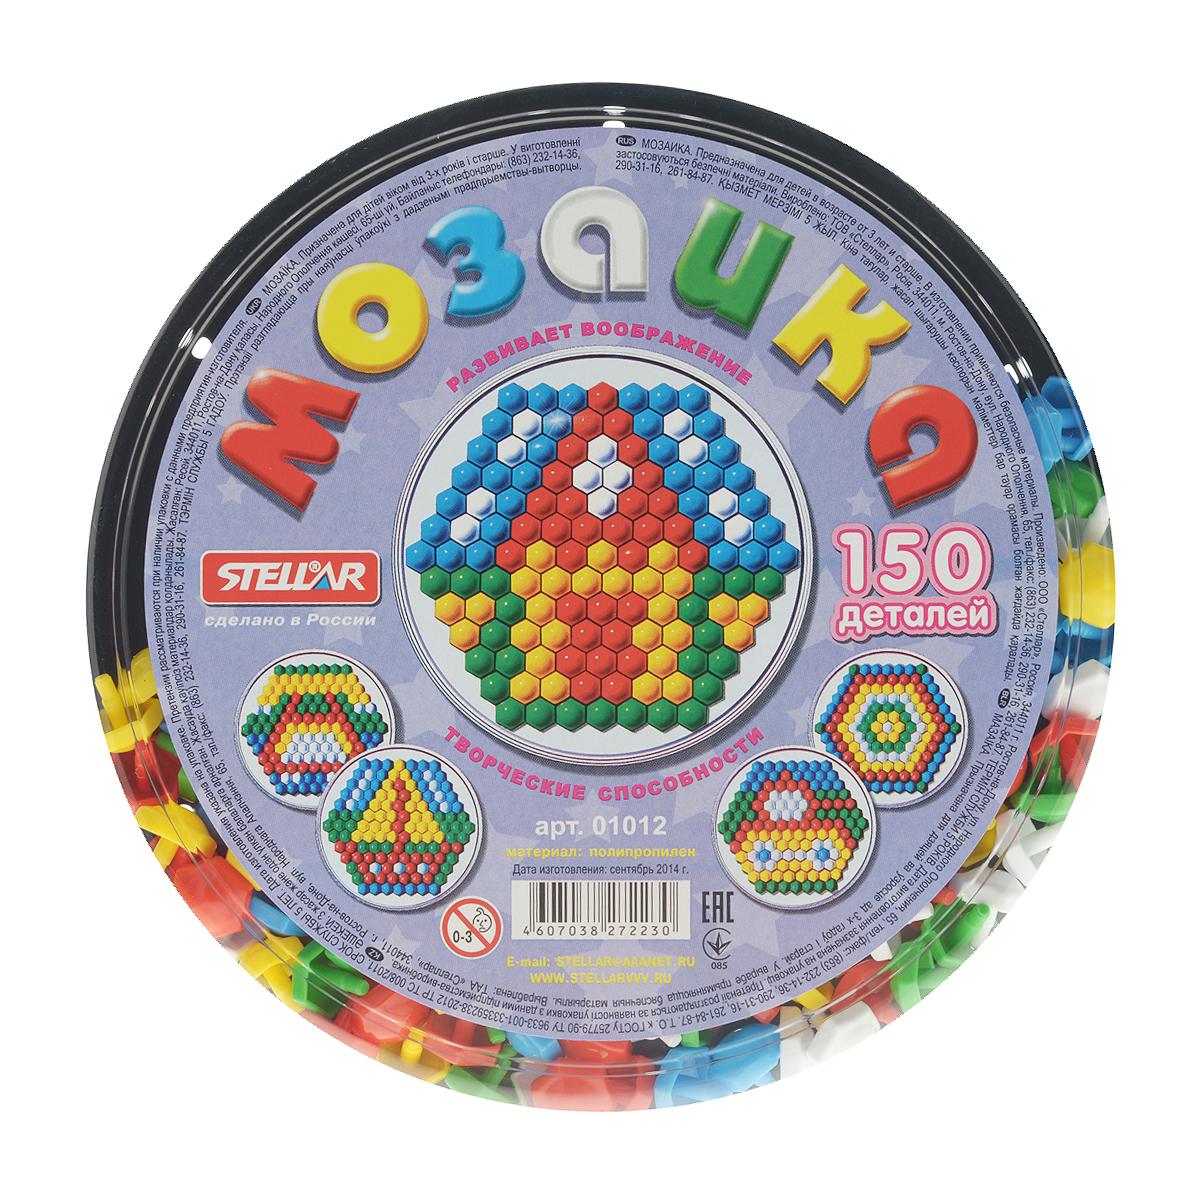 Мозаика Stellar, 150 элементов01012Мозаика Stellar - это яркая и увлекательная развивающая игра. Мозаика включает в себя игровое поле, которое также является контейнером для фишек, и 150 разноцветных выпуклых элементов, при помощи которых ребенок сможет создавать объемные цветные картинки. Для этого ему нужно лишь вставлять фишки в плату, руководствуясь изображениями на коробке или собственной фантазией. Элементы мозаики выполнены из полипропилена. Рисунки, представленные на упаковке, являются только примером, так как эта универсальная мозаика раскрывает перед ребенком неограниченные возможности моделирования и создания собственных шедевры. Оригинальная конструкция платы позволяет легко вставлять и фиксировать фишки, предотвращая их выпадение при переворачивании или переноске собранной картинки. Игры с мозаикой способствуют развитию у малышей мелкой моторики рук, координации движений, внимательности, логического и абстрактного мышления, ориентировку на плоскости, а также воображения и творческих...